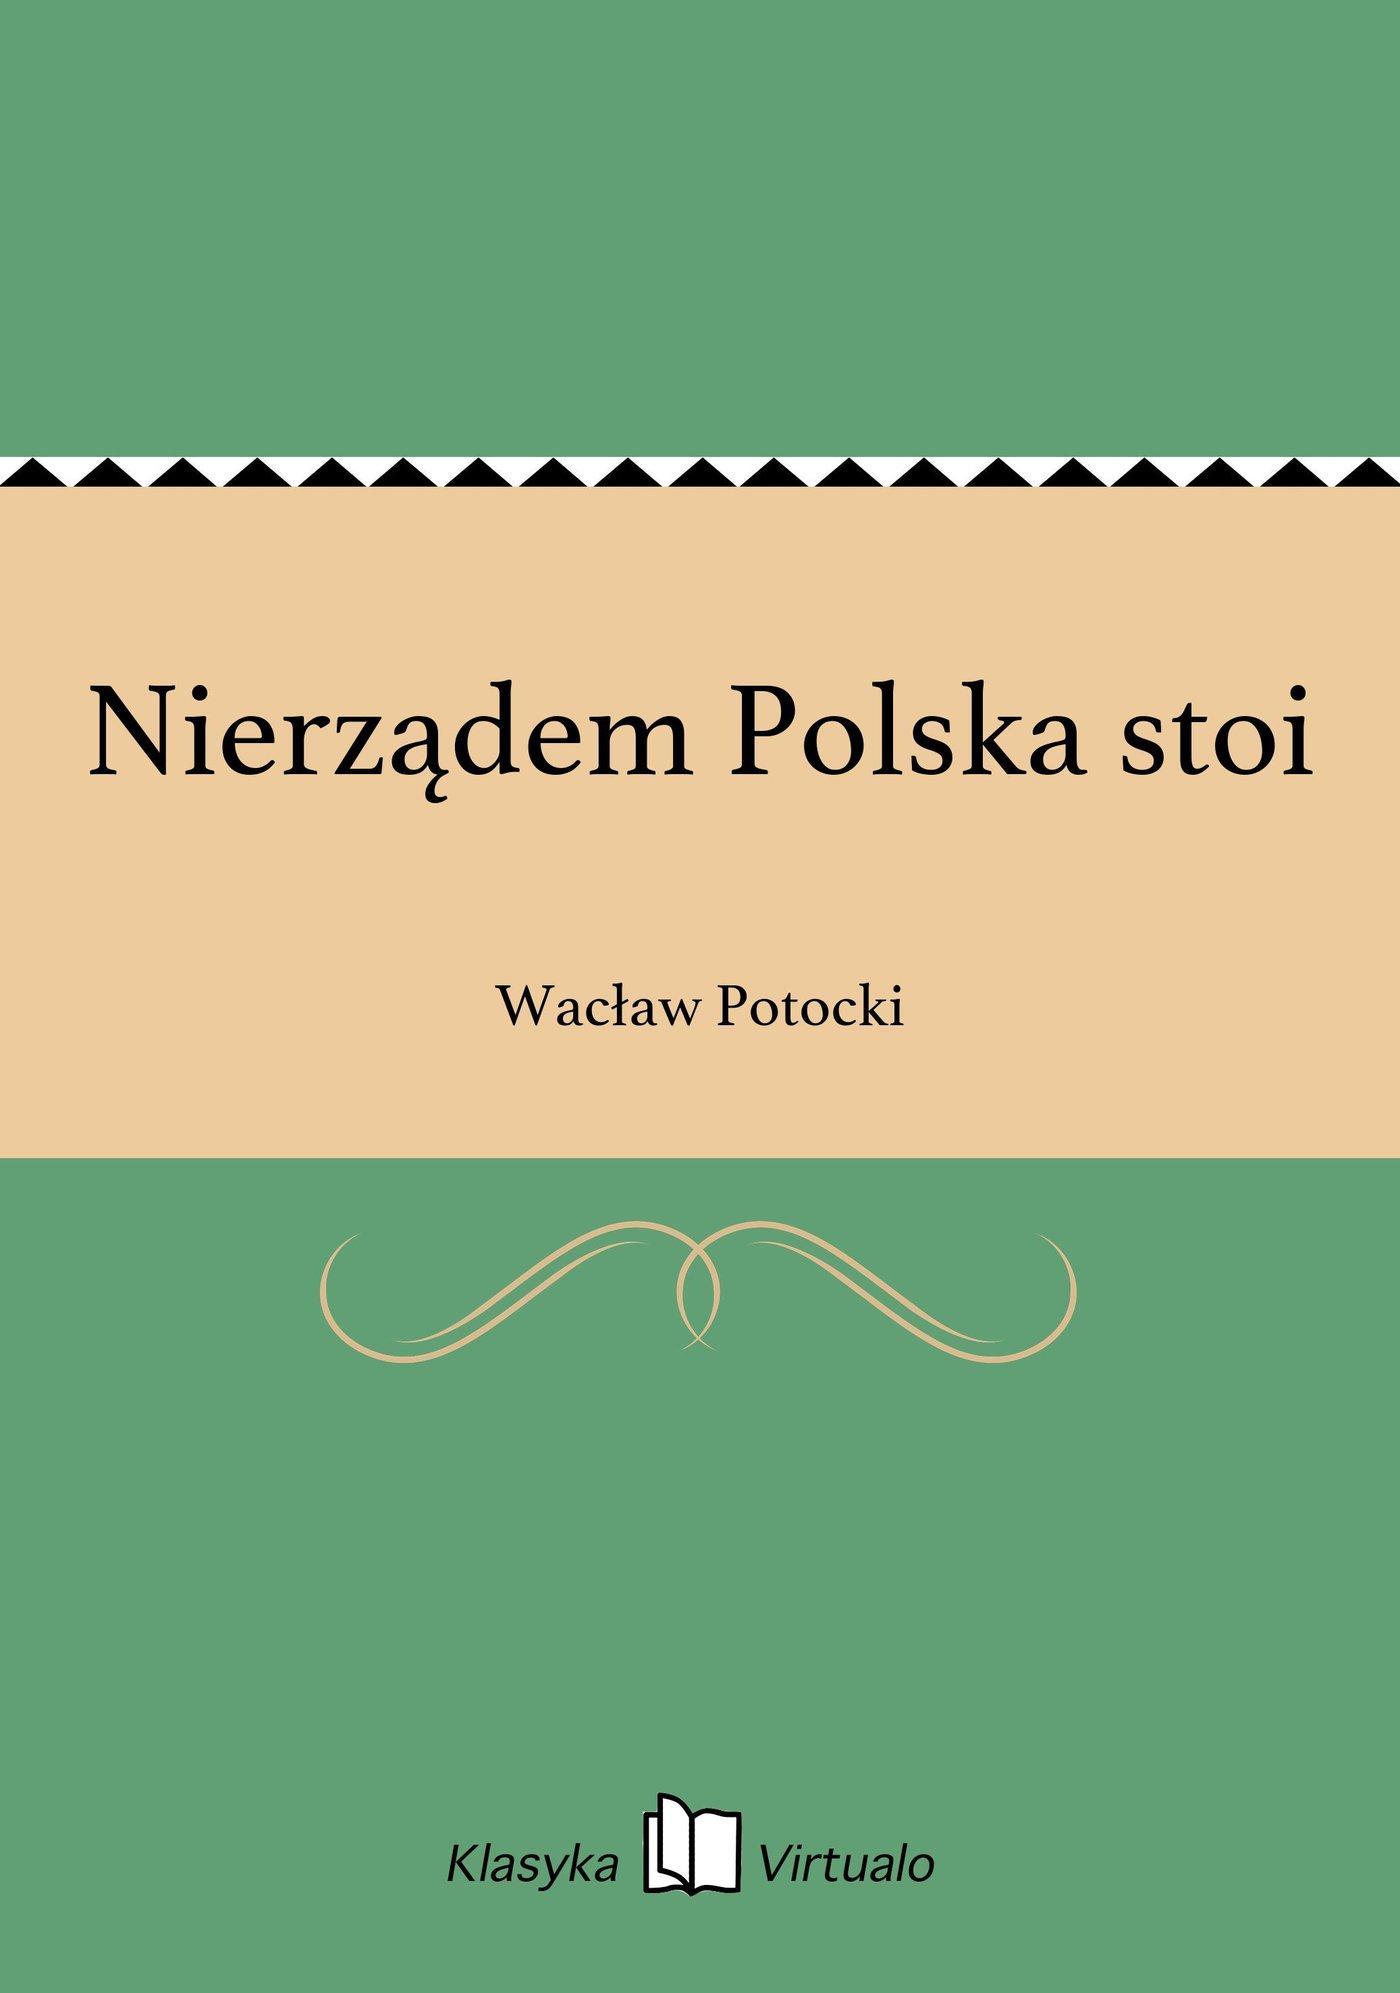 Nierządem Polska stoi - Ebook (Książka EPUB) do pobrania w formacie EPUB